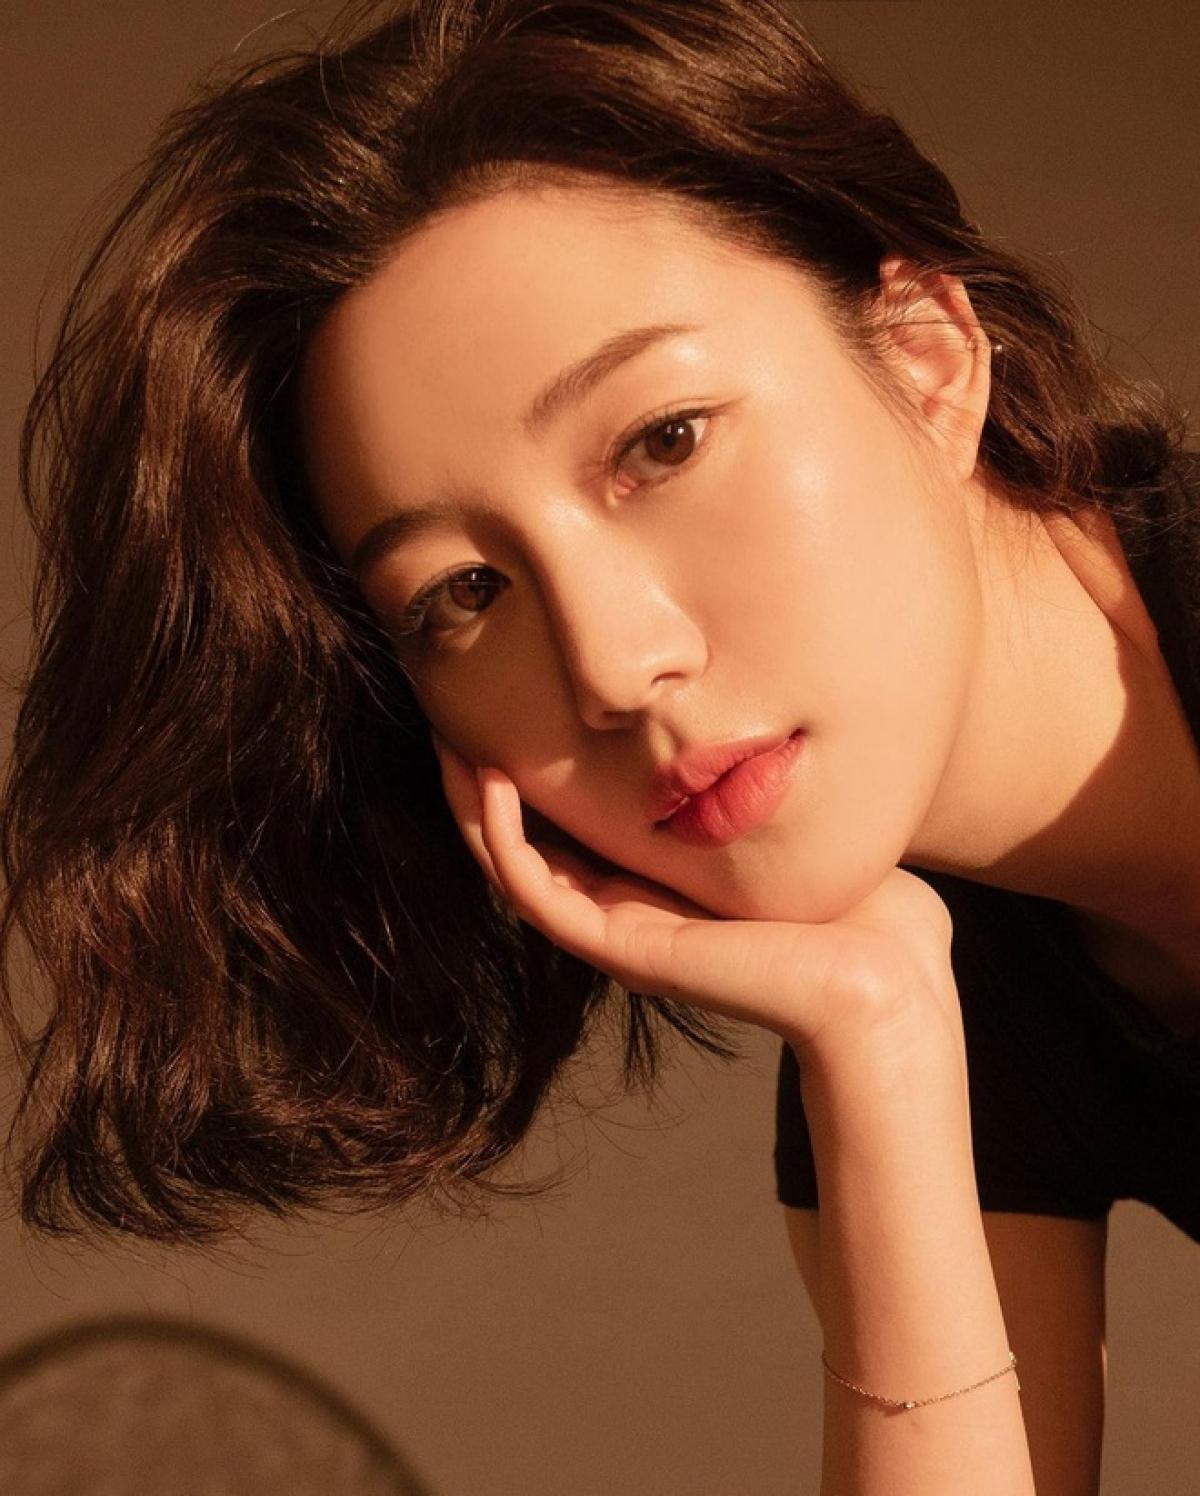 """Năm2020, danh tiếng của Lee Da In tăng lên đáng kể nhờ góp mặt trong bộ phim """"Alice"""" với vai phụ Kim Do Yeon đóng cùng Joo Won và Kim Hee Sun."""